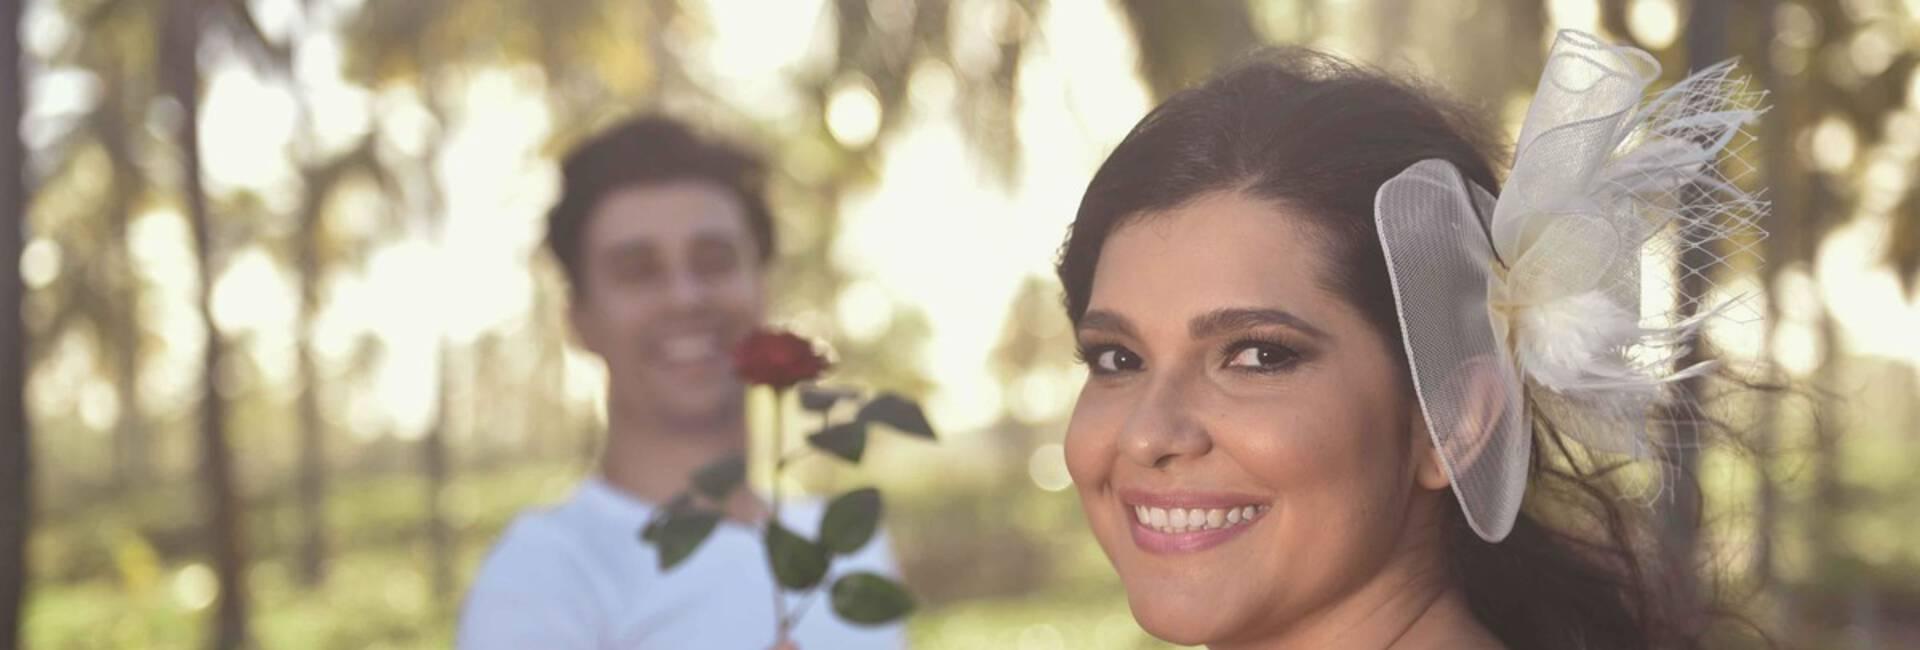 Ensaio de Casais de Alexandre & Mariana